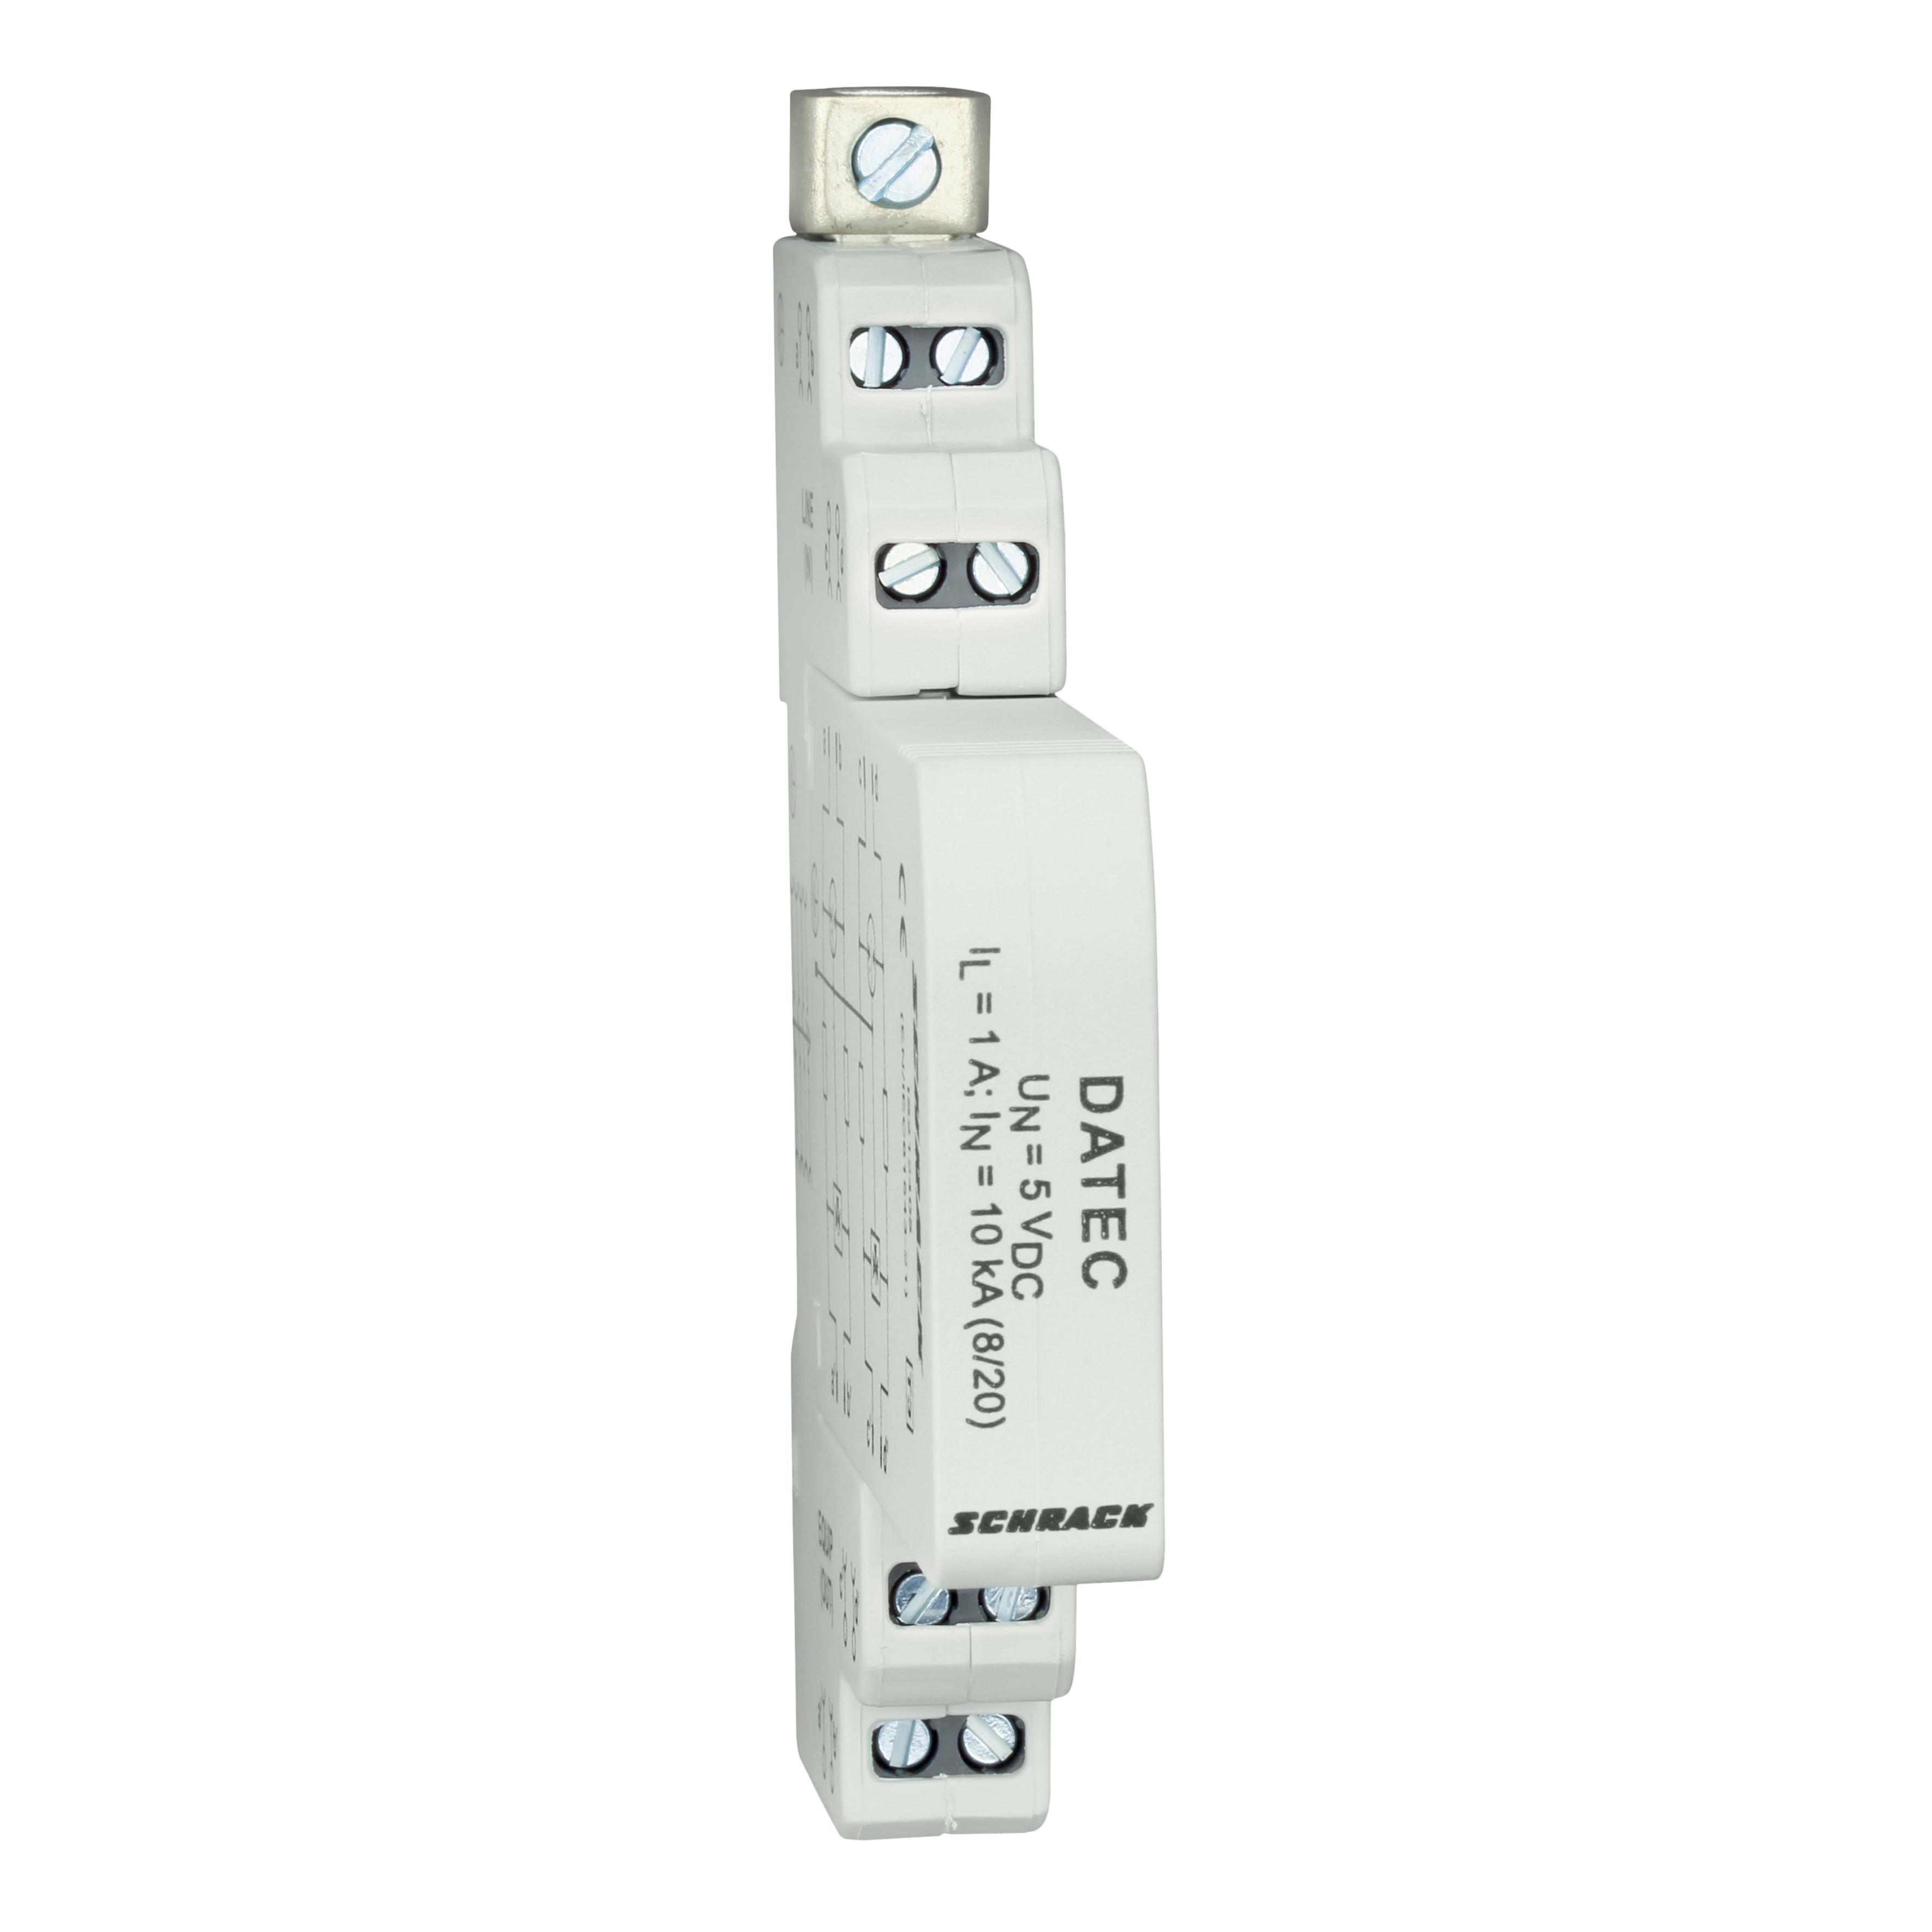 1 Stk Ableiter für Steuerleitungen, max. 5Vdc/1A, Klasse 3 (D) IS212405--